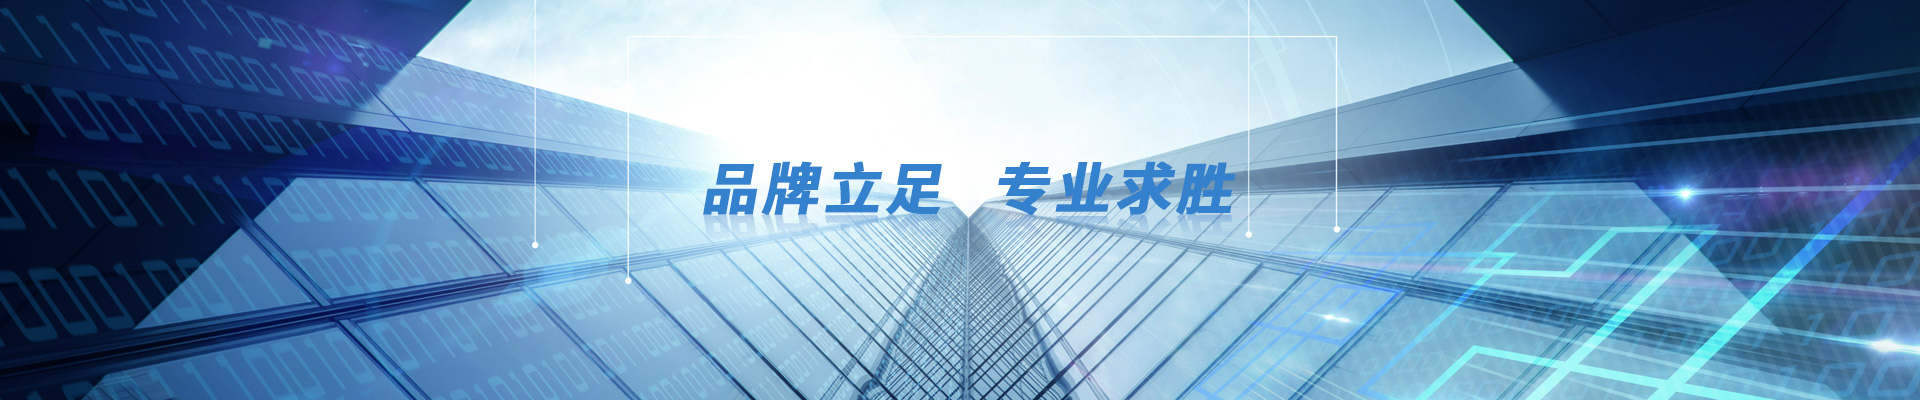 http://www.jinansifu.com/data/images/slide/20200713093545_169.jpg